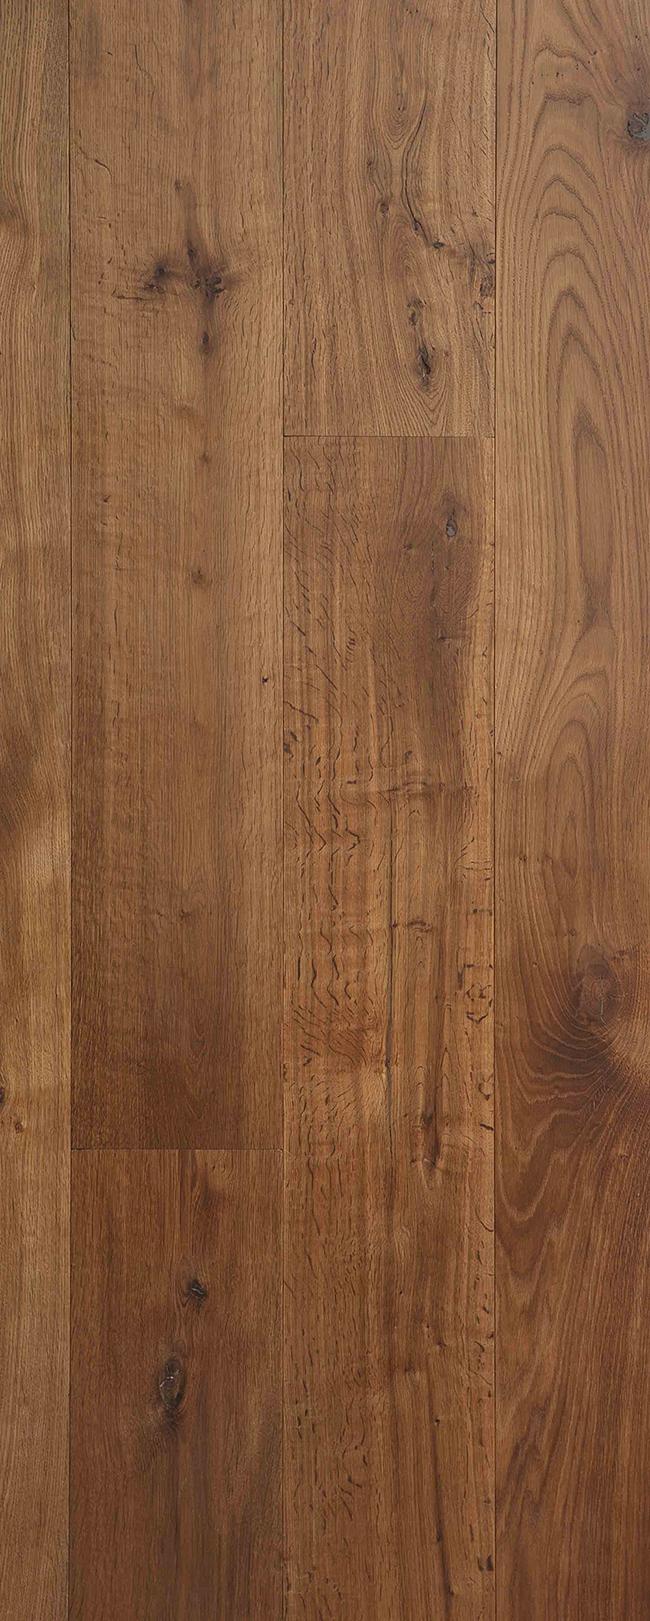 THERMAL Engineered Rustic Oak.jpg